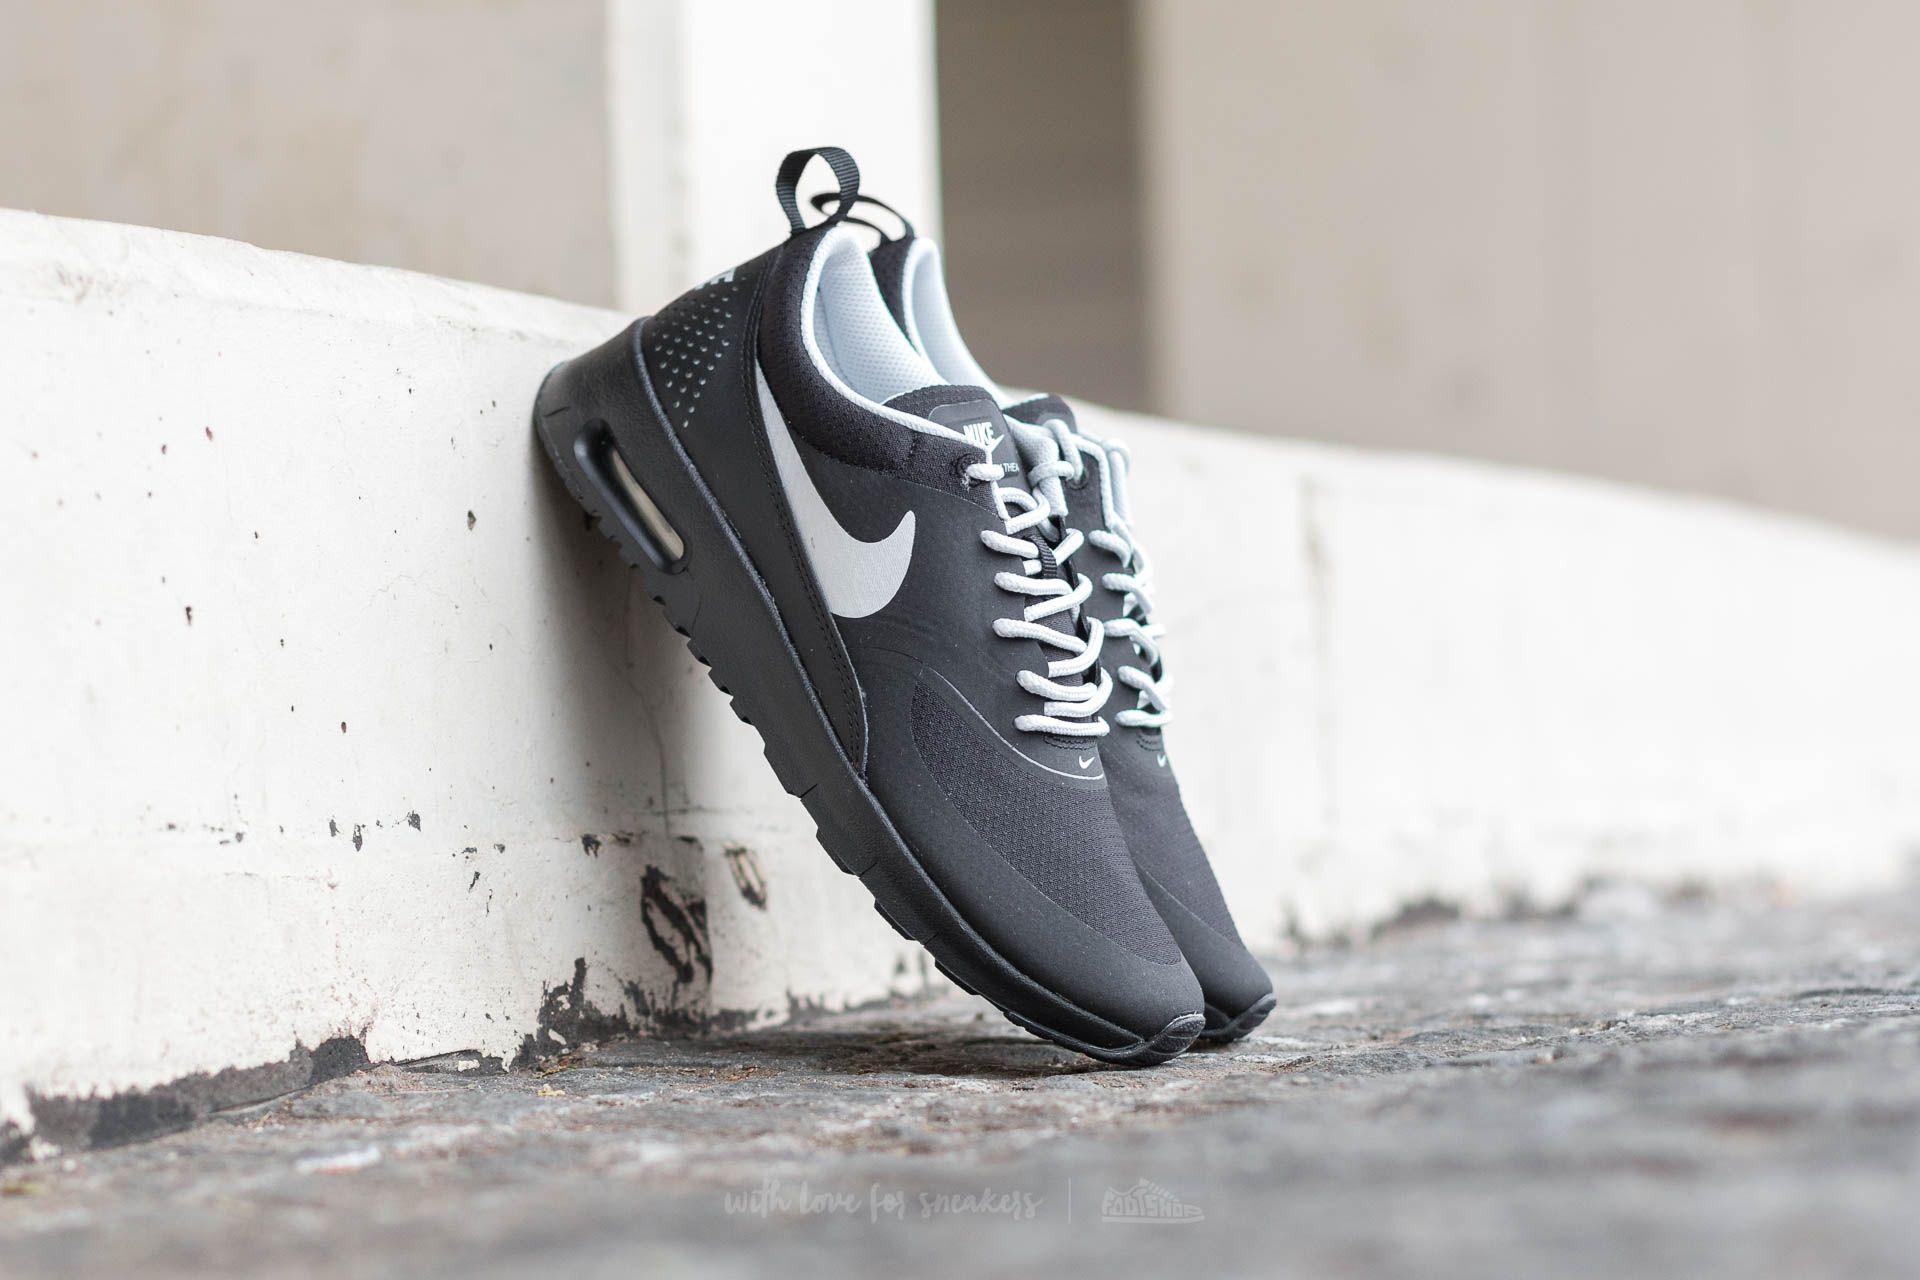 6fac0cb09 Nike Air Max Thea (GS) Black/ Metallic Platinum-Pure Platinum ...